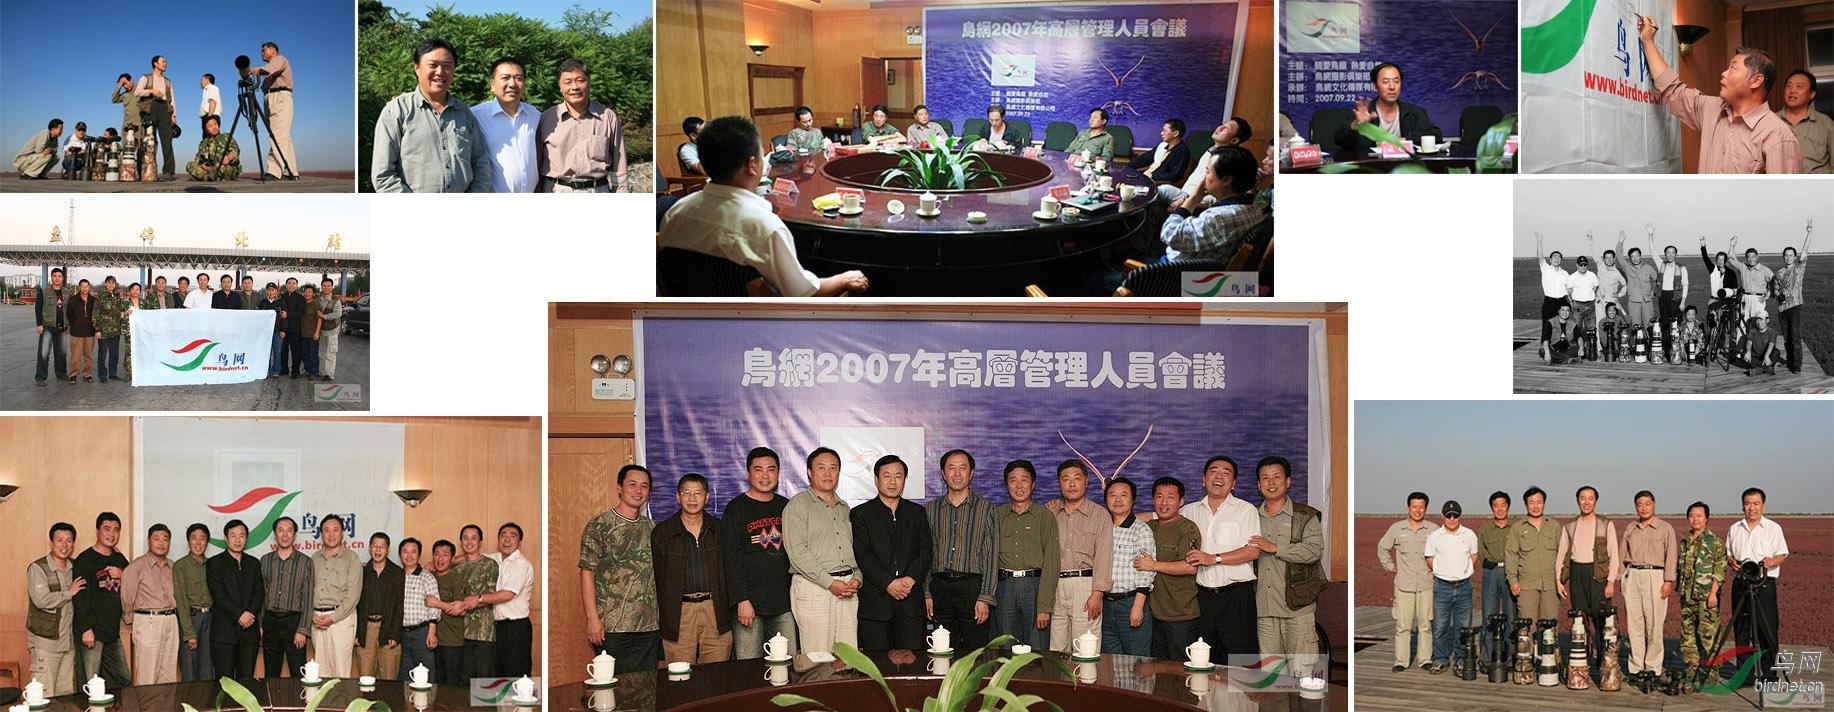 2007年鸟网高层管理人员会议暨首届年会-.jpg